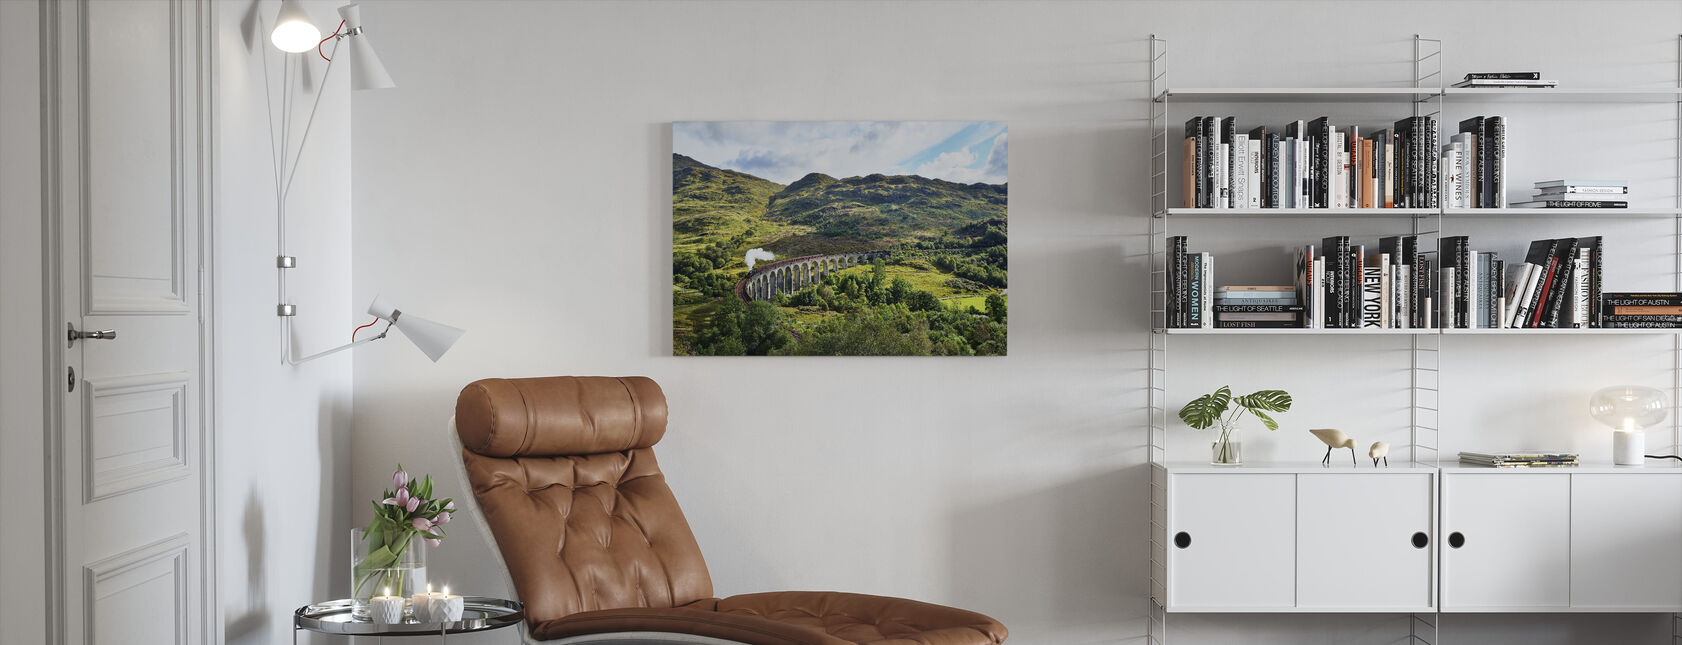 Tog på Skottland Highlands - Lerretsbilde - Stue